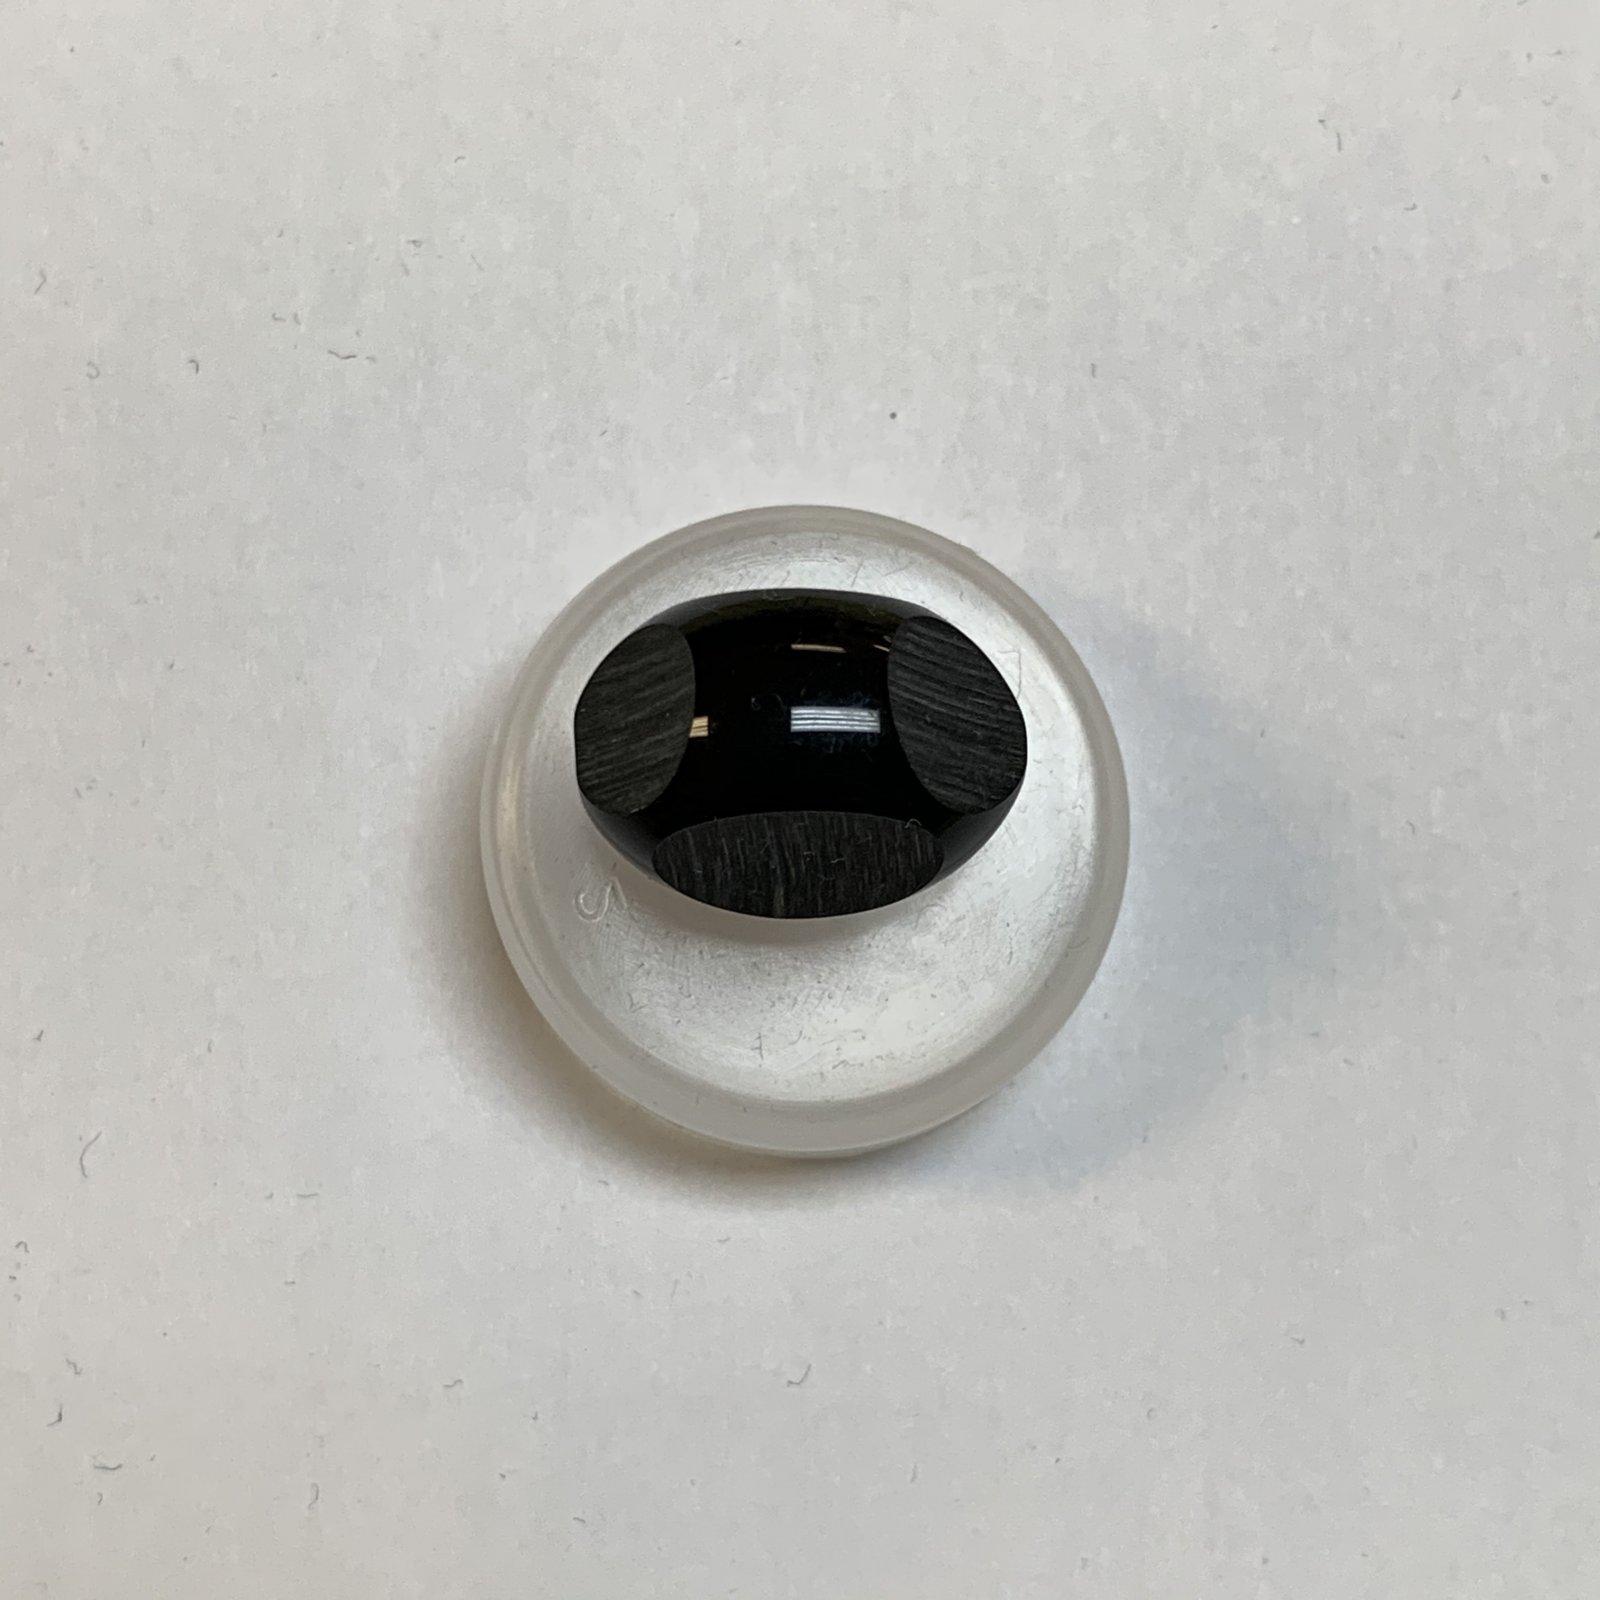 Vintage Black Brushed Egg Button 7/8 Inch